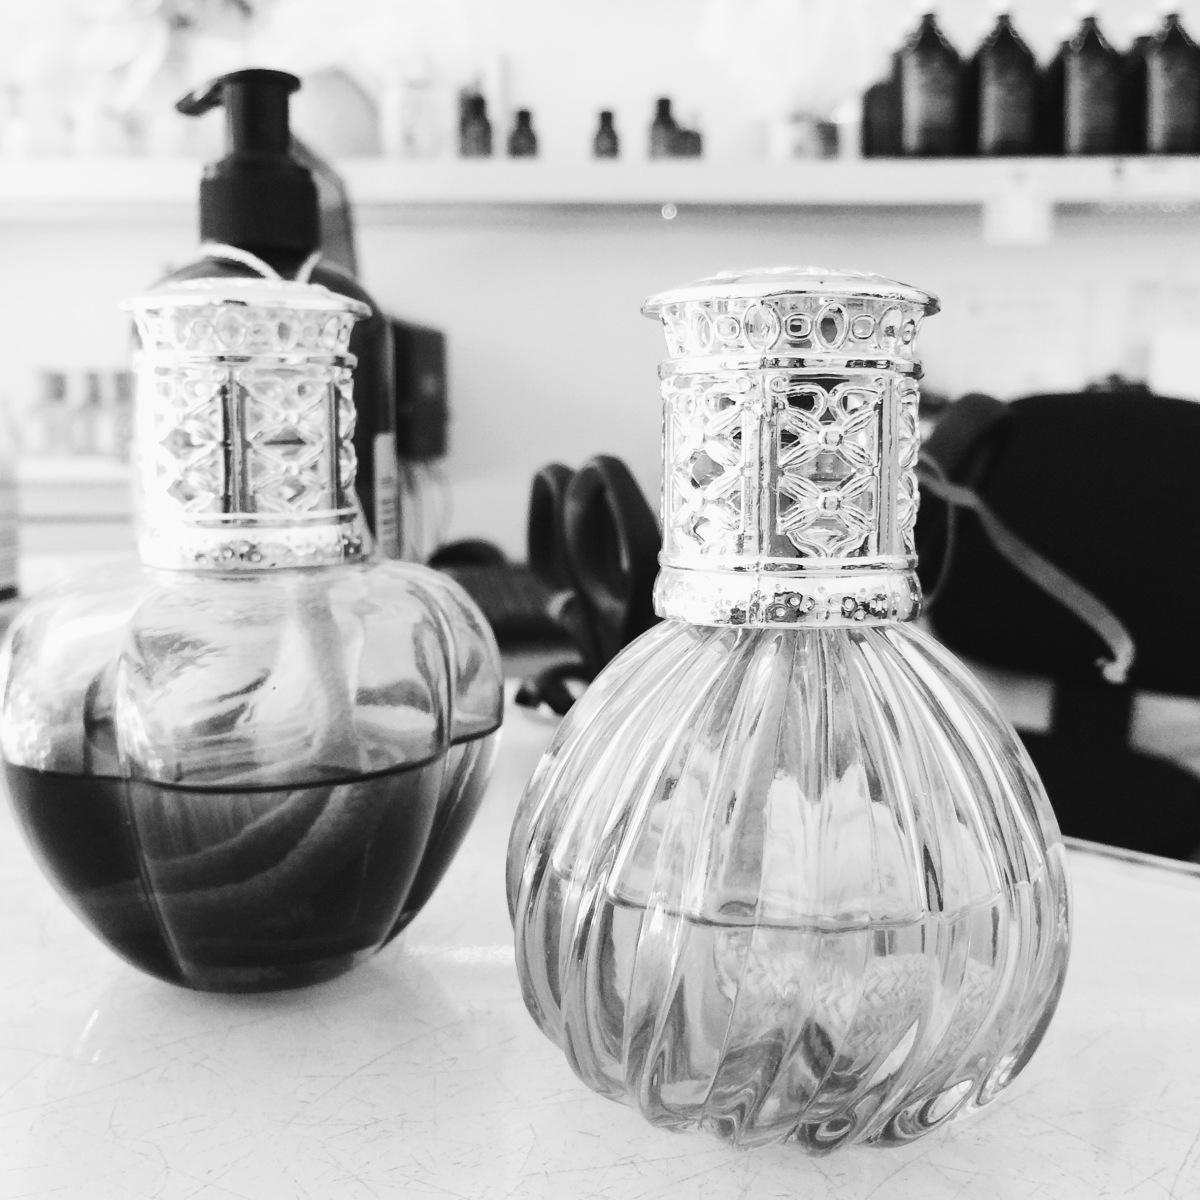 PER FUMUM BUE, para los que amamos los aromas y los espacios perfumados